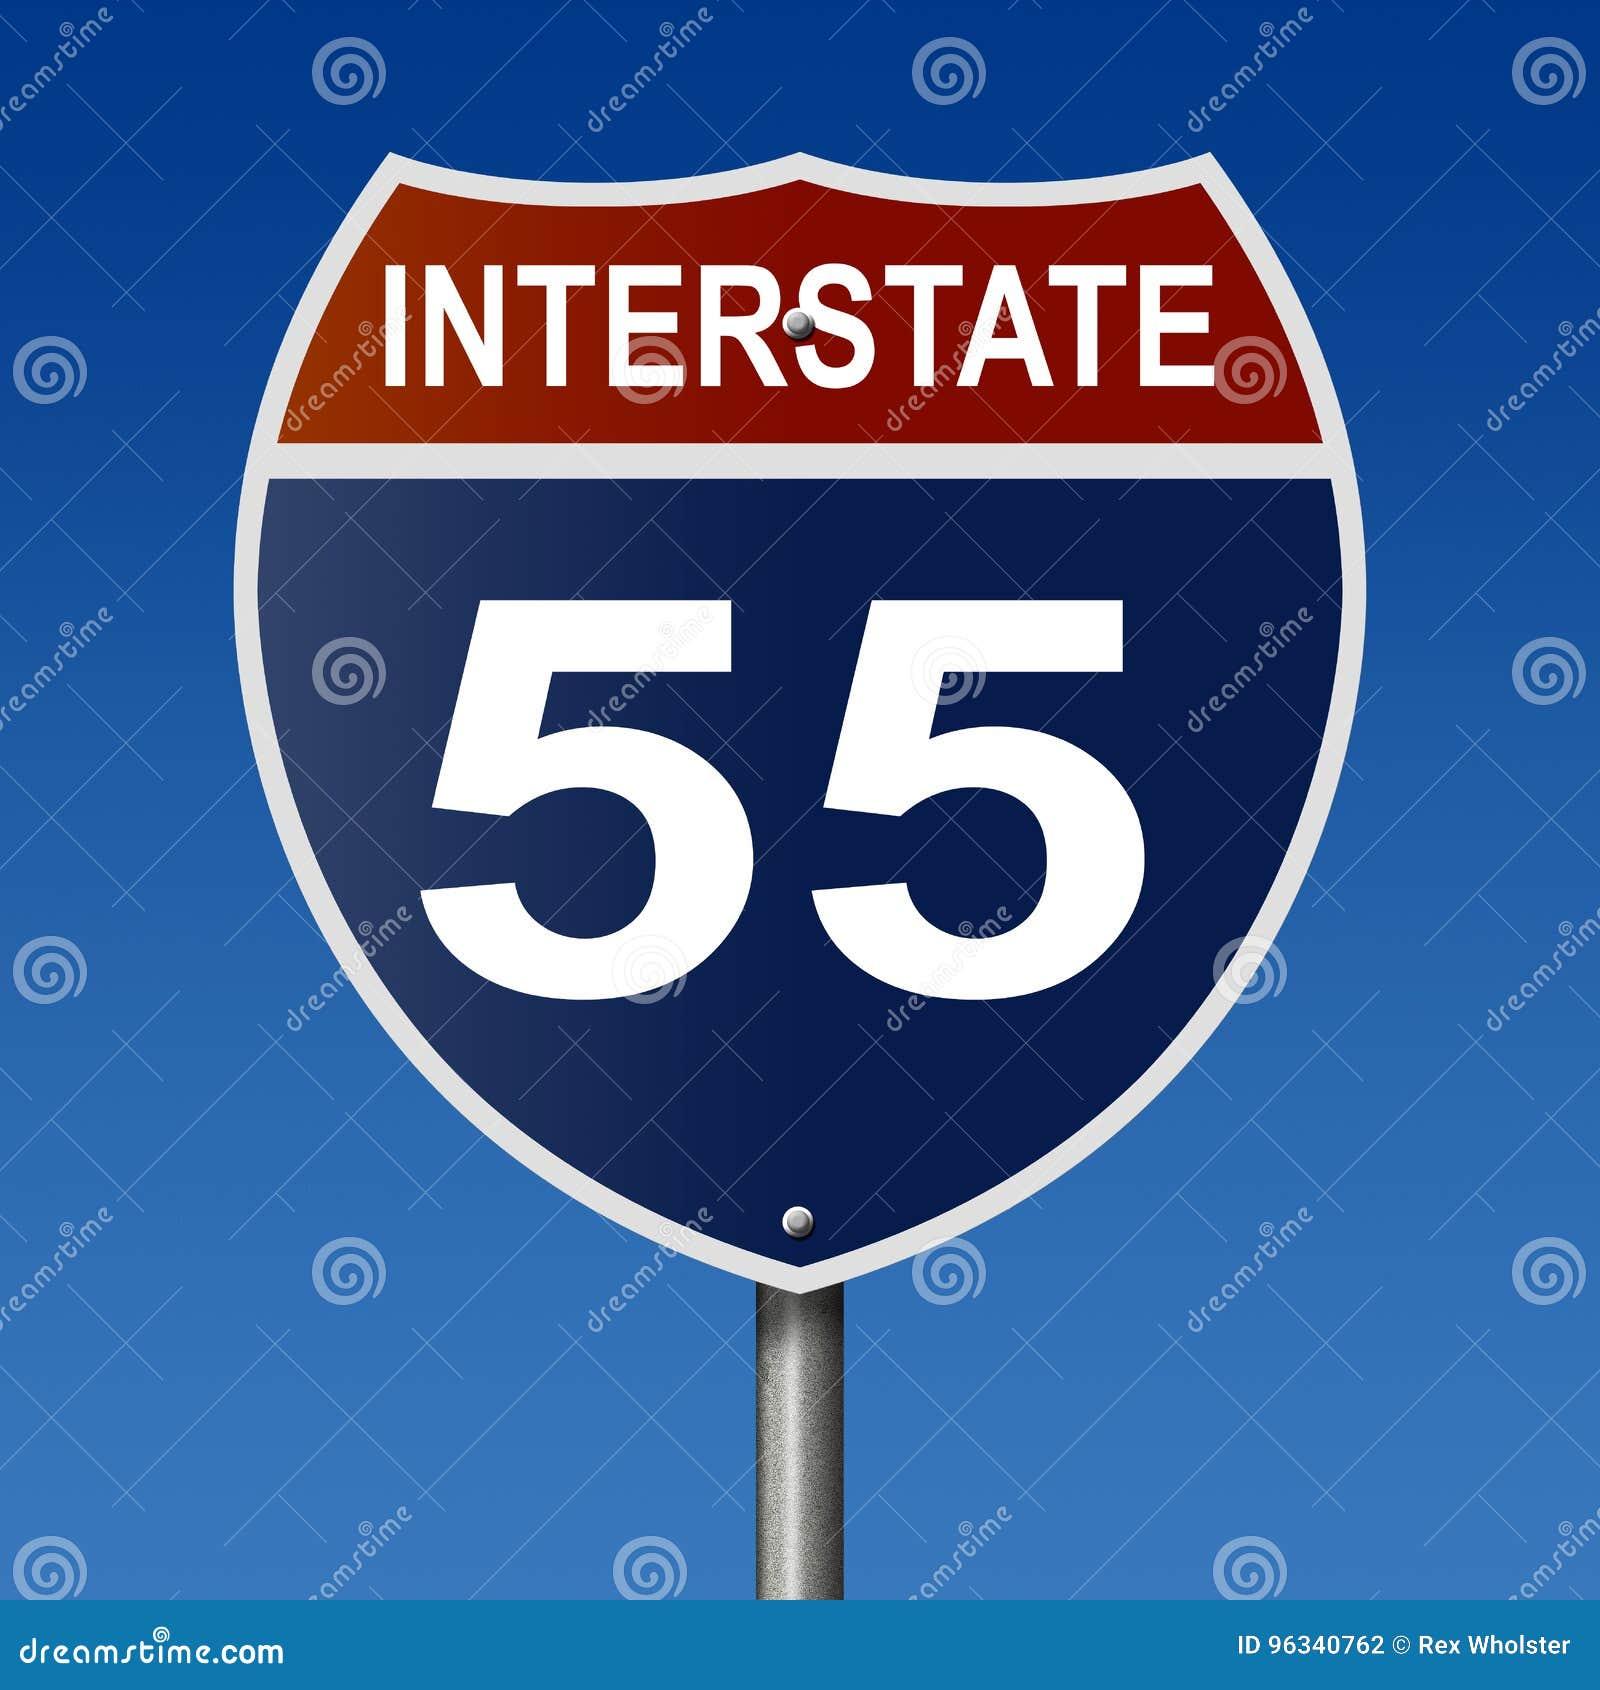 Highway sign for interstate 55 stock illustration illustration of download highway sign for interstate 55 stock illustration illustration of rendering transportation 96340762 publicscrutiny Images